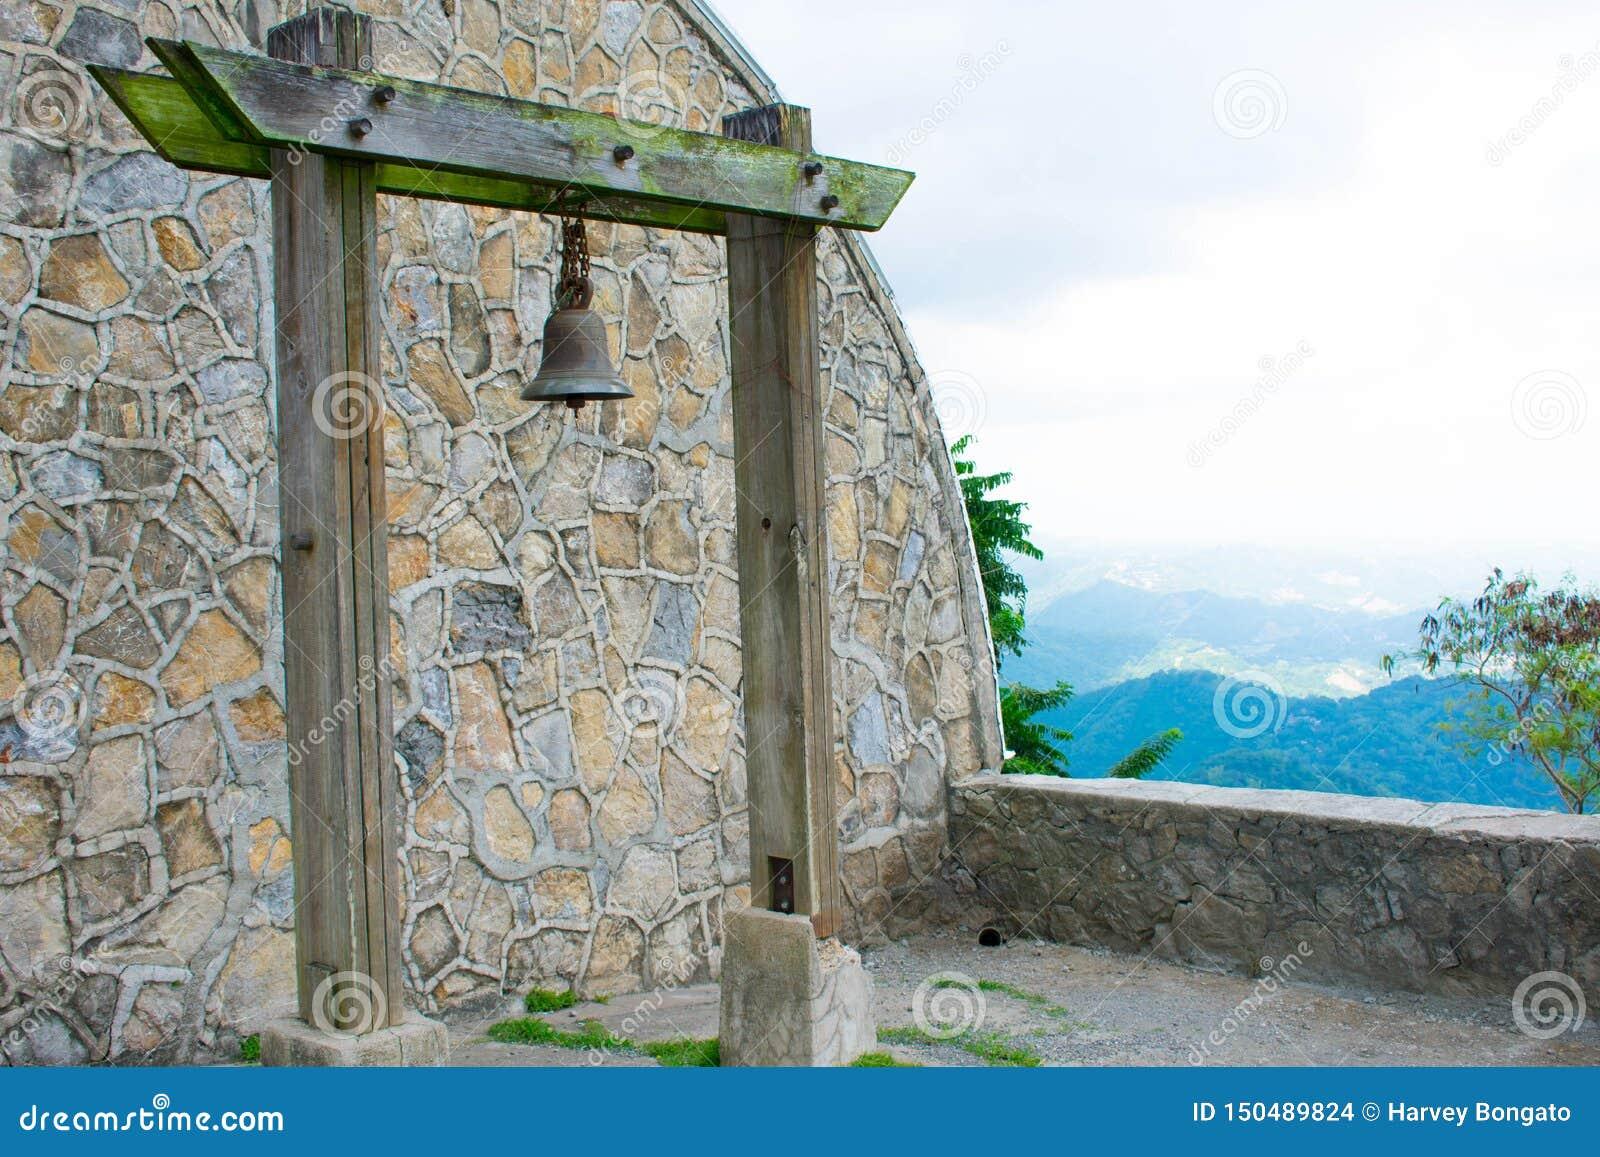 Rusty Old Bell Hanged na coluna de madeira musgoso com fundo de pedra da parede do arco do teste padrão, Overviewing na parte sup